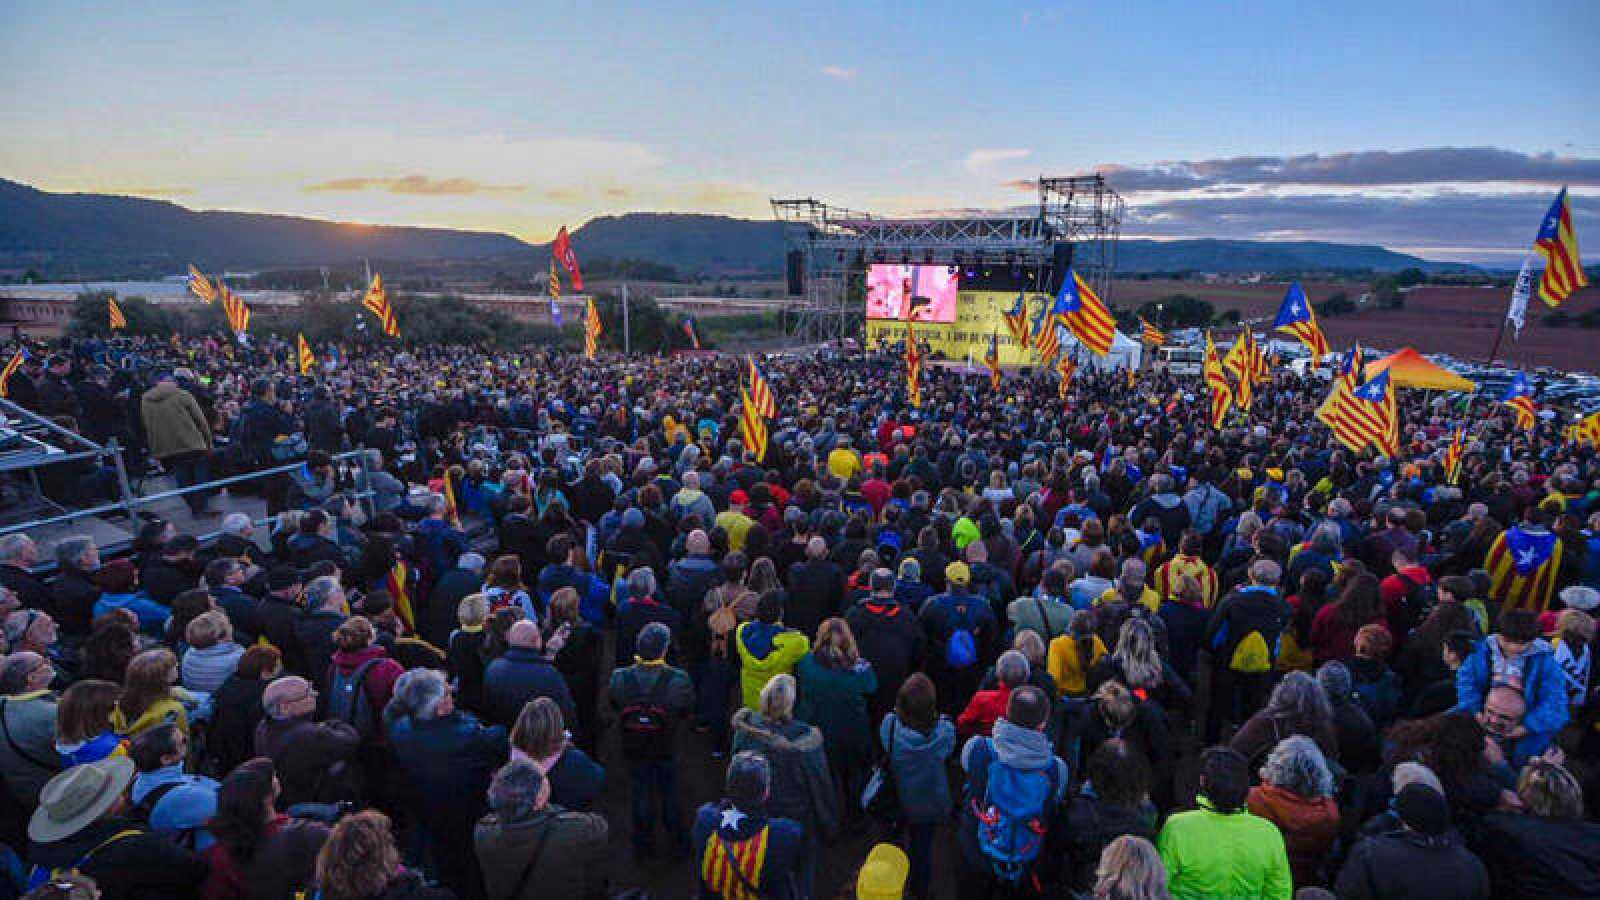 Imagen difundida por ERC de la concentración frente a la cárcel de Lledoners